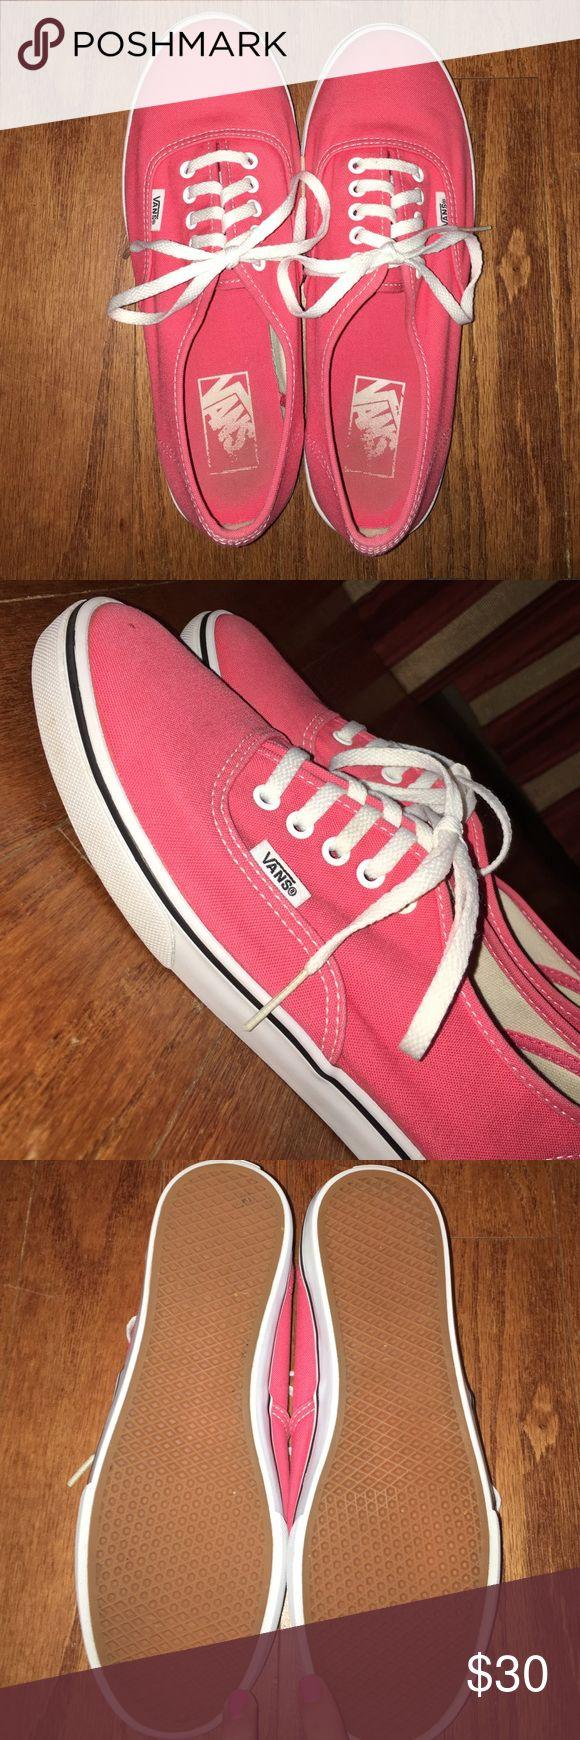 Pinky/Coral Vans • Women's 8// Men's 6.5 CUTE • Barely worn • Authentic Lo-Top Vans Vans Shoes Sneakers